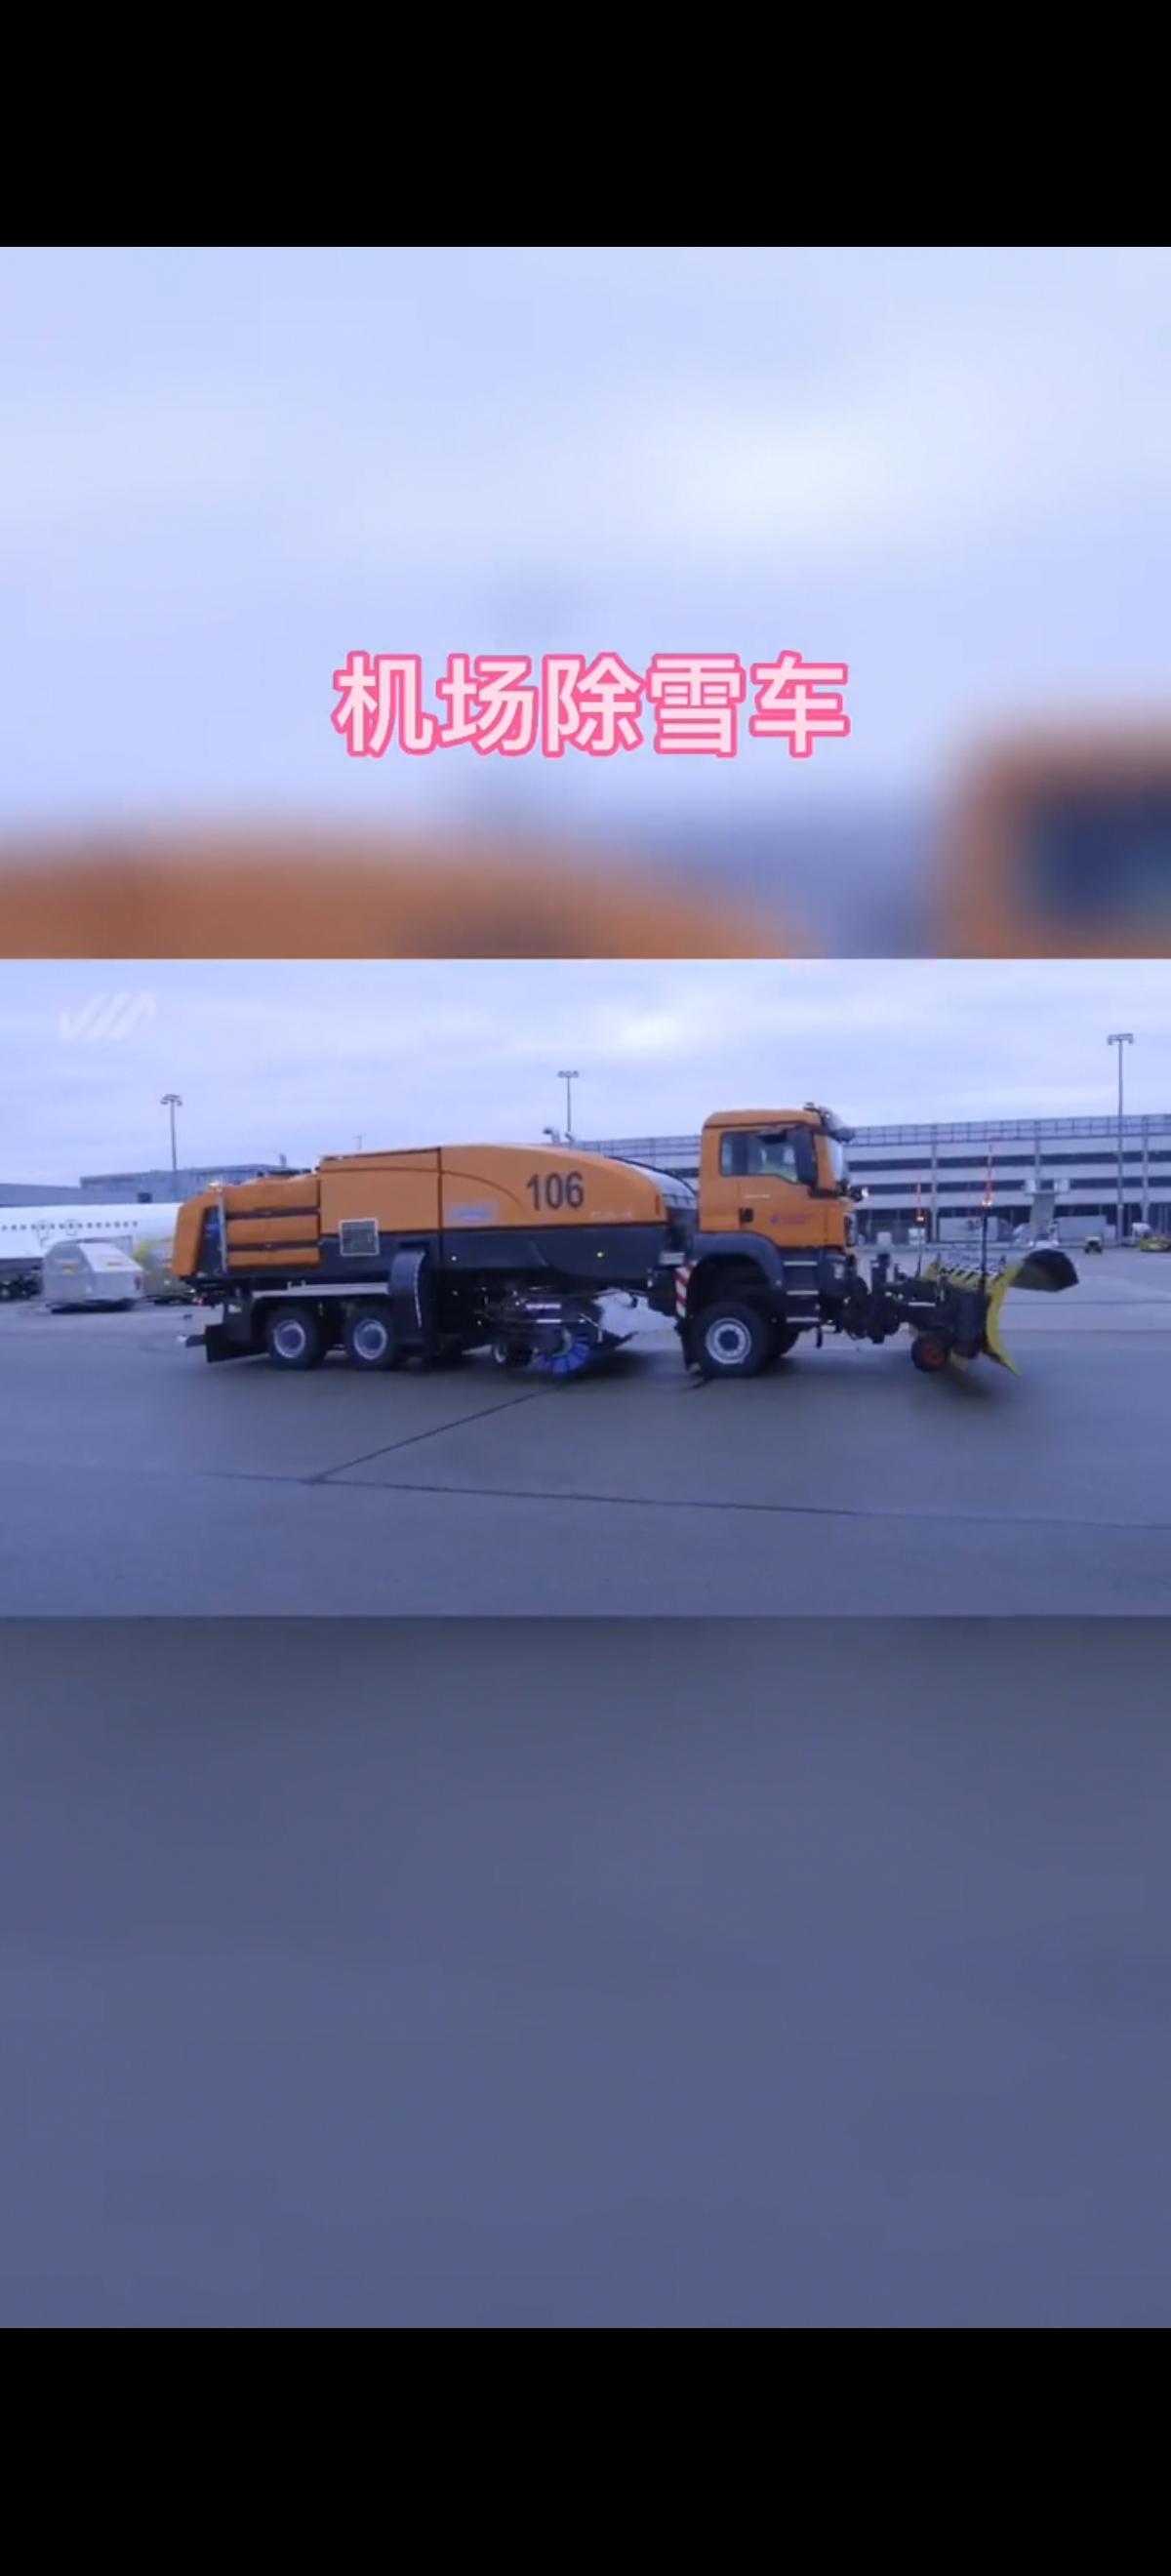 机场除雪车.进口